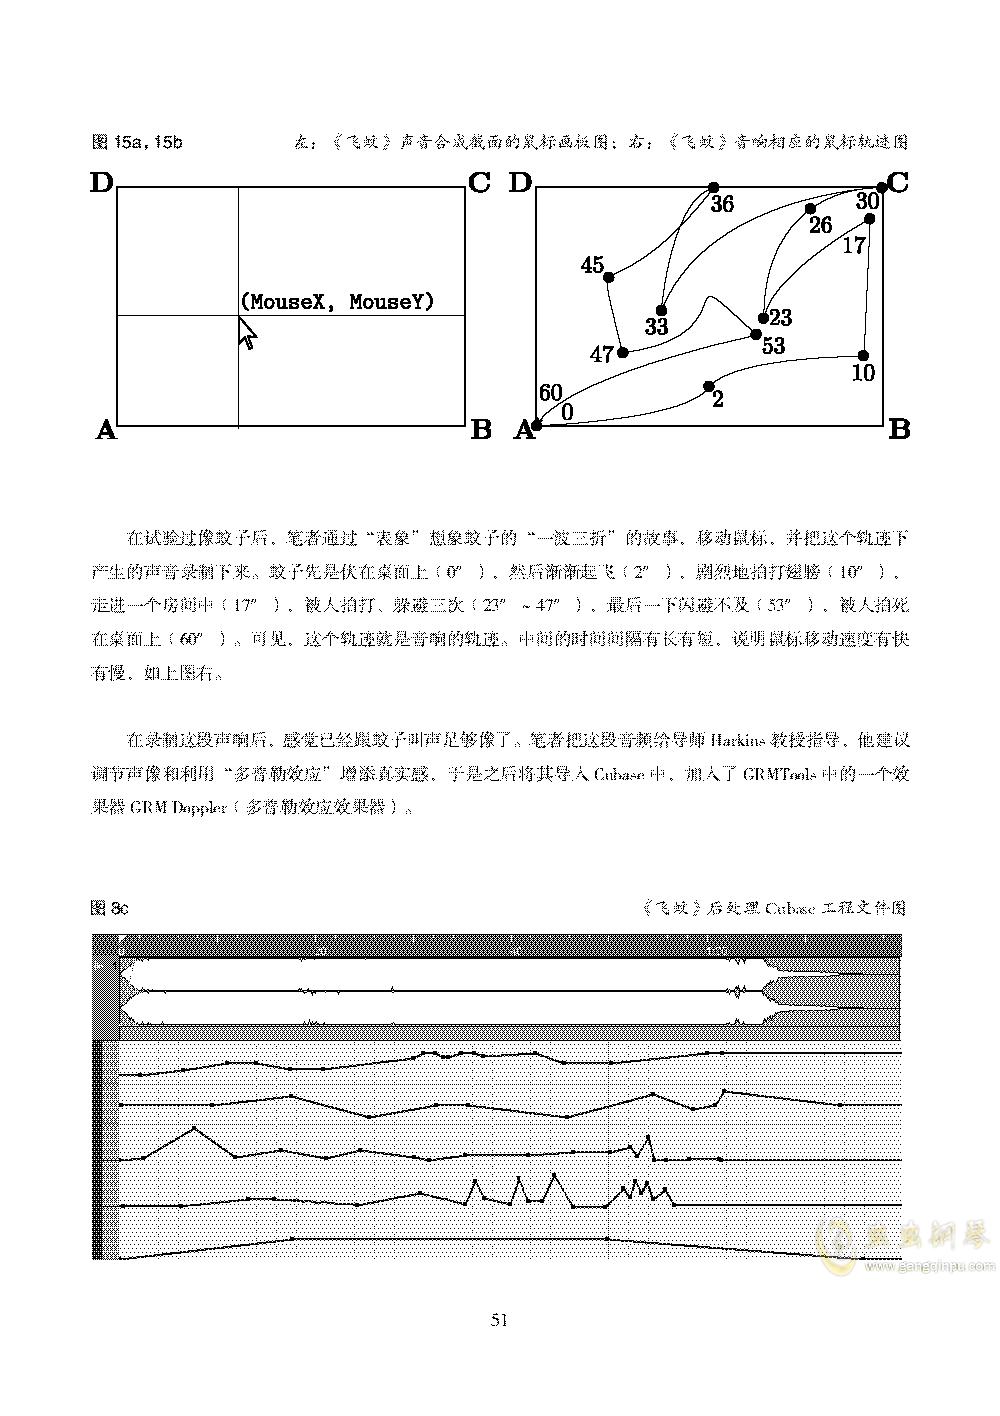 真·硕士论文ag88环亚娱乐谱 第55页